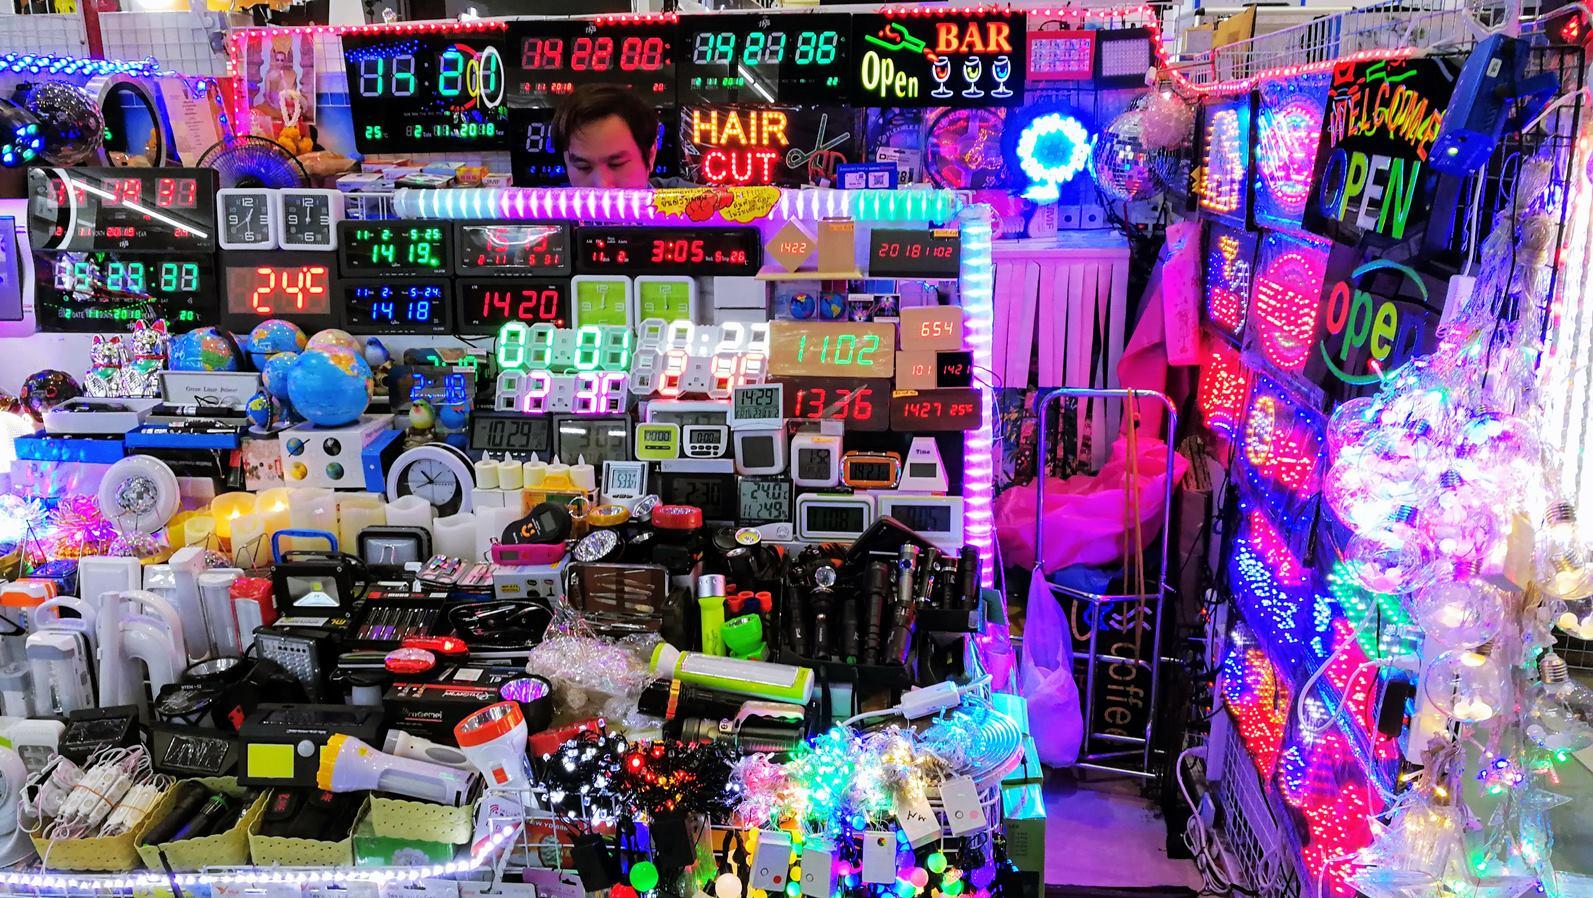 Pantip Plaza Electronic display